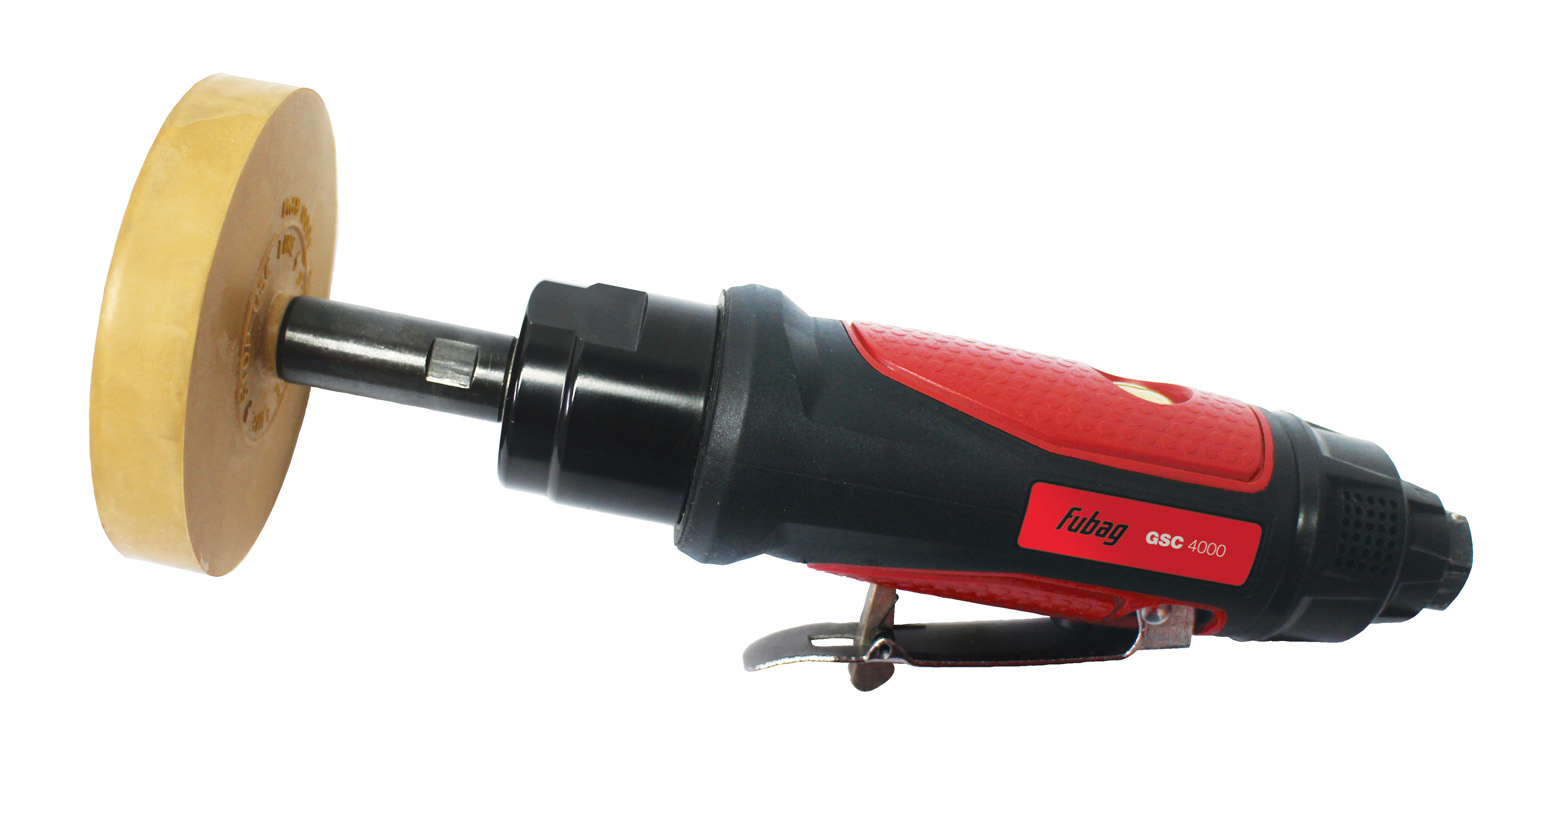 Машинка шлифовальная прямая пневматическая Fubag Gsc 4000